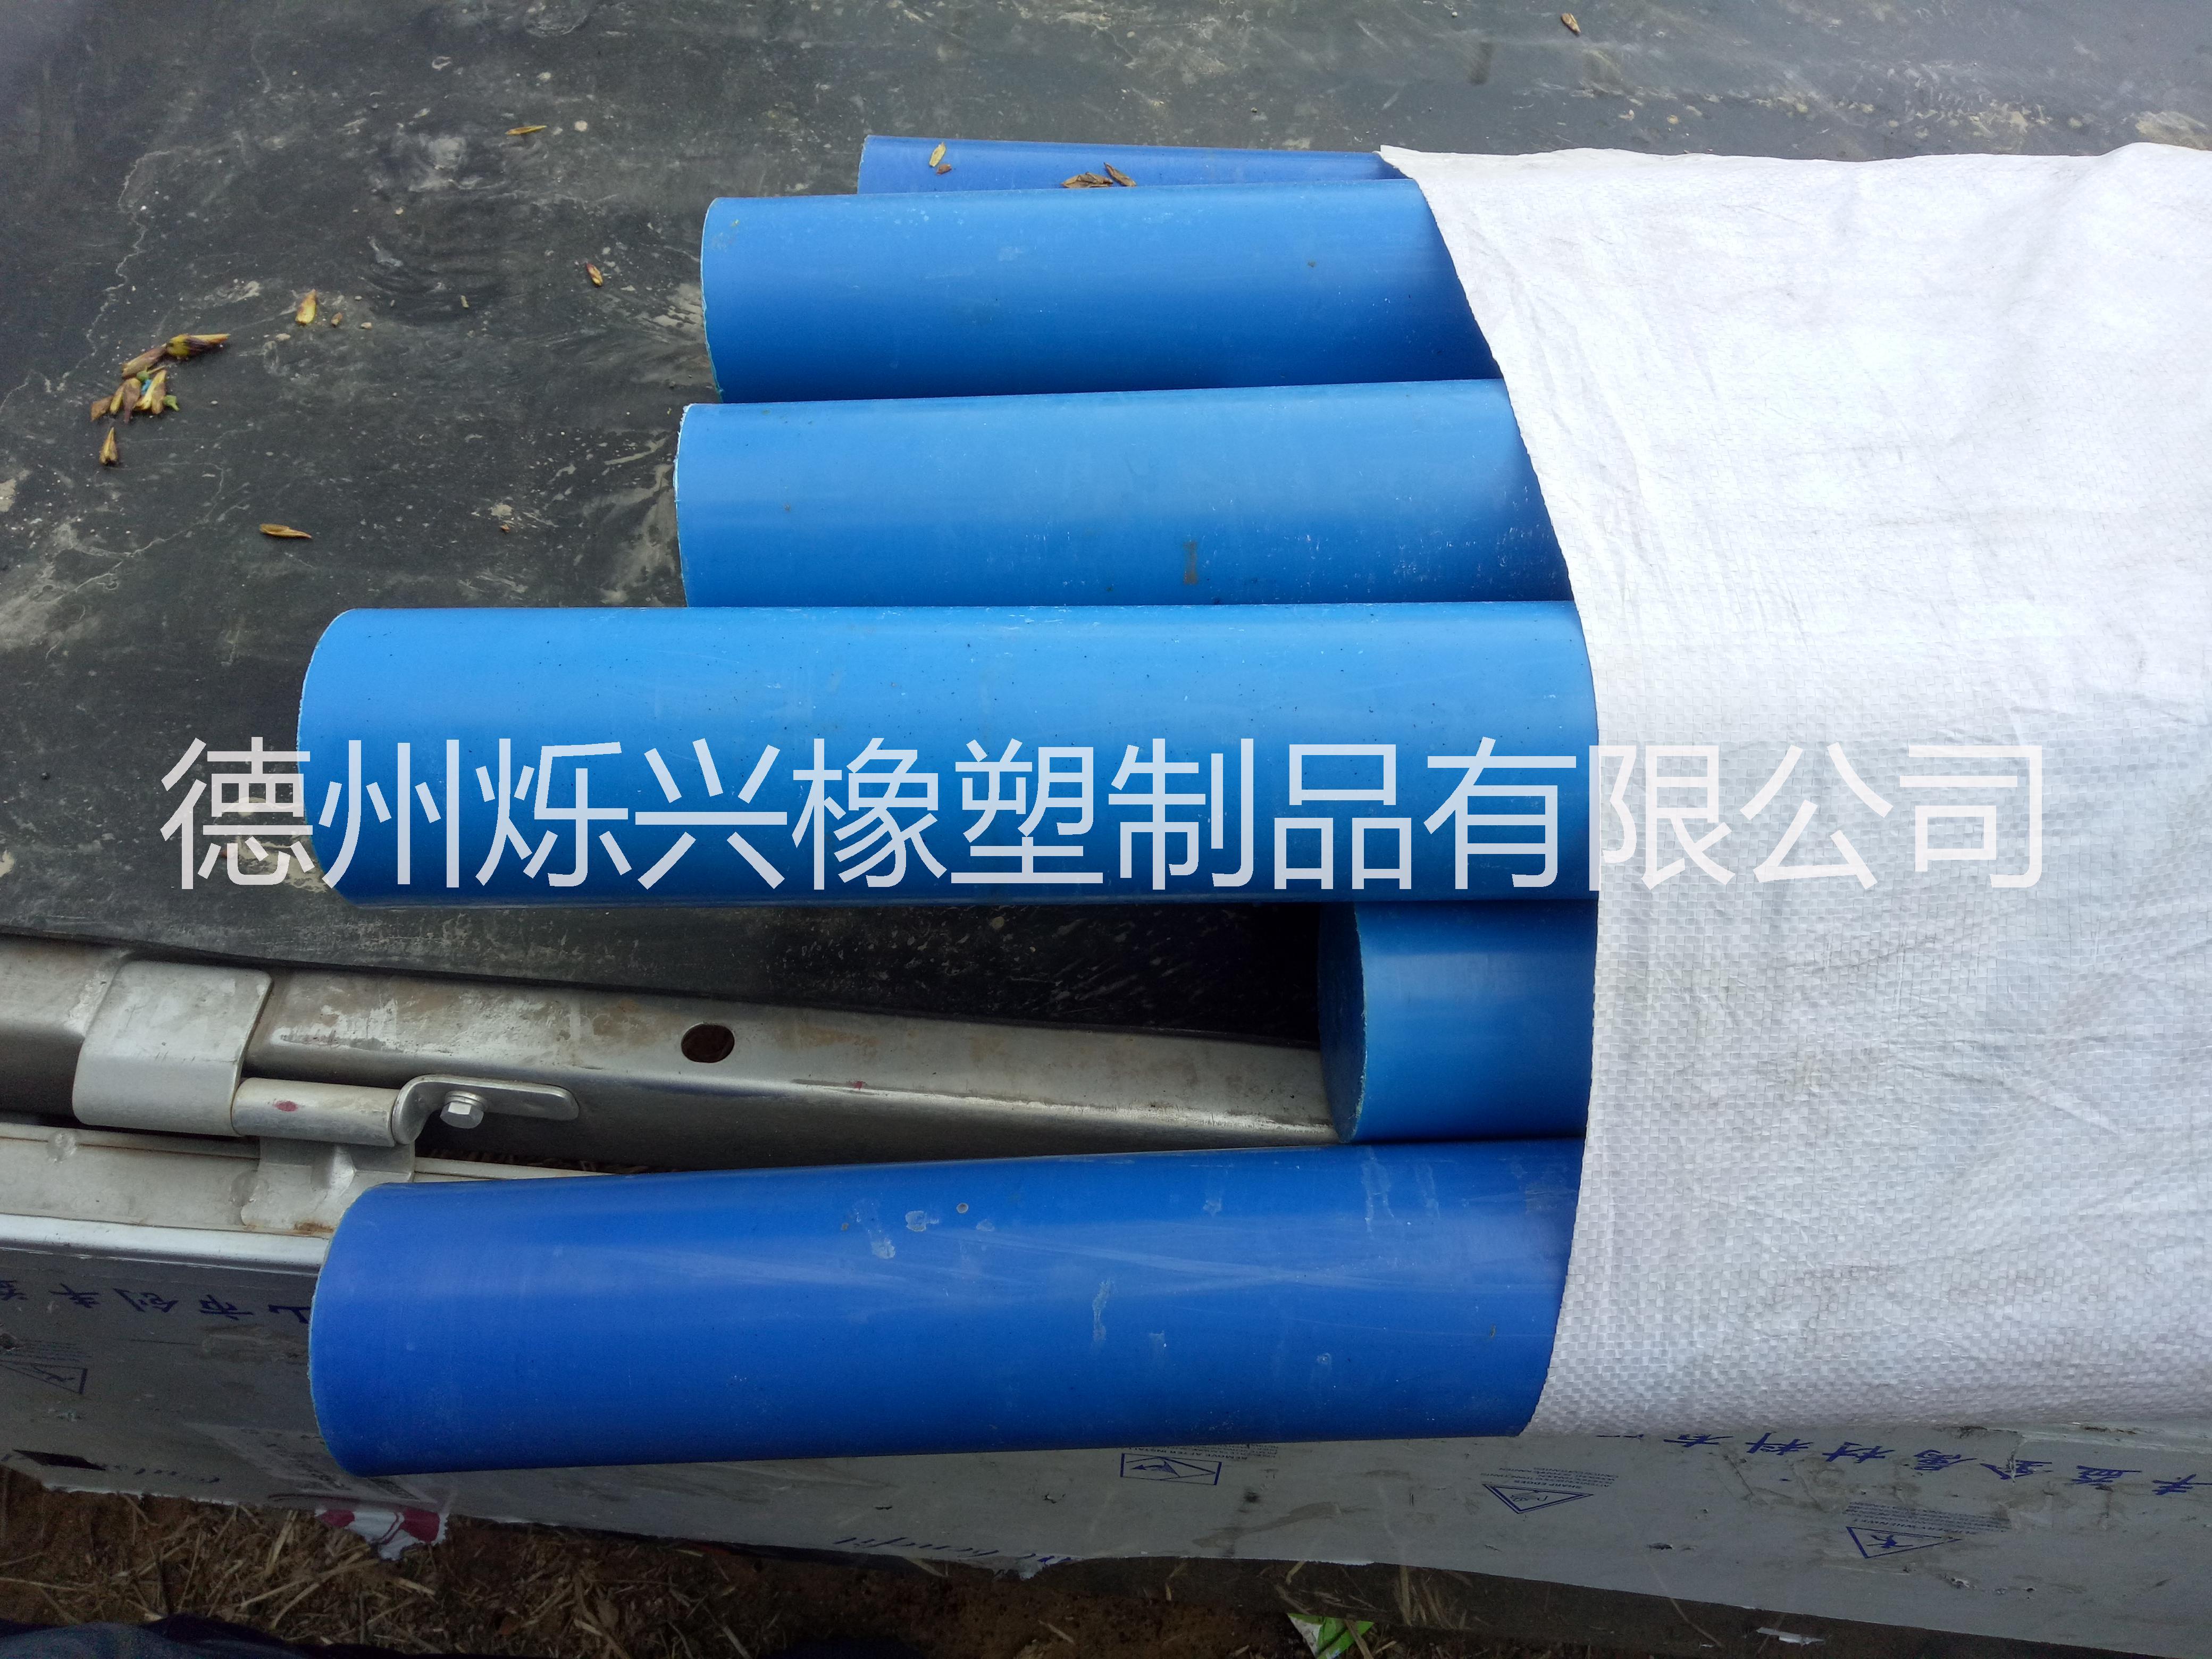 江苏耐磨高密度聚乙烯棒 pe棒 加工价格